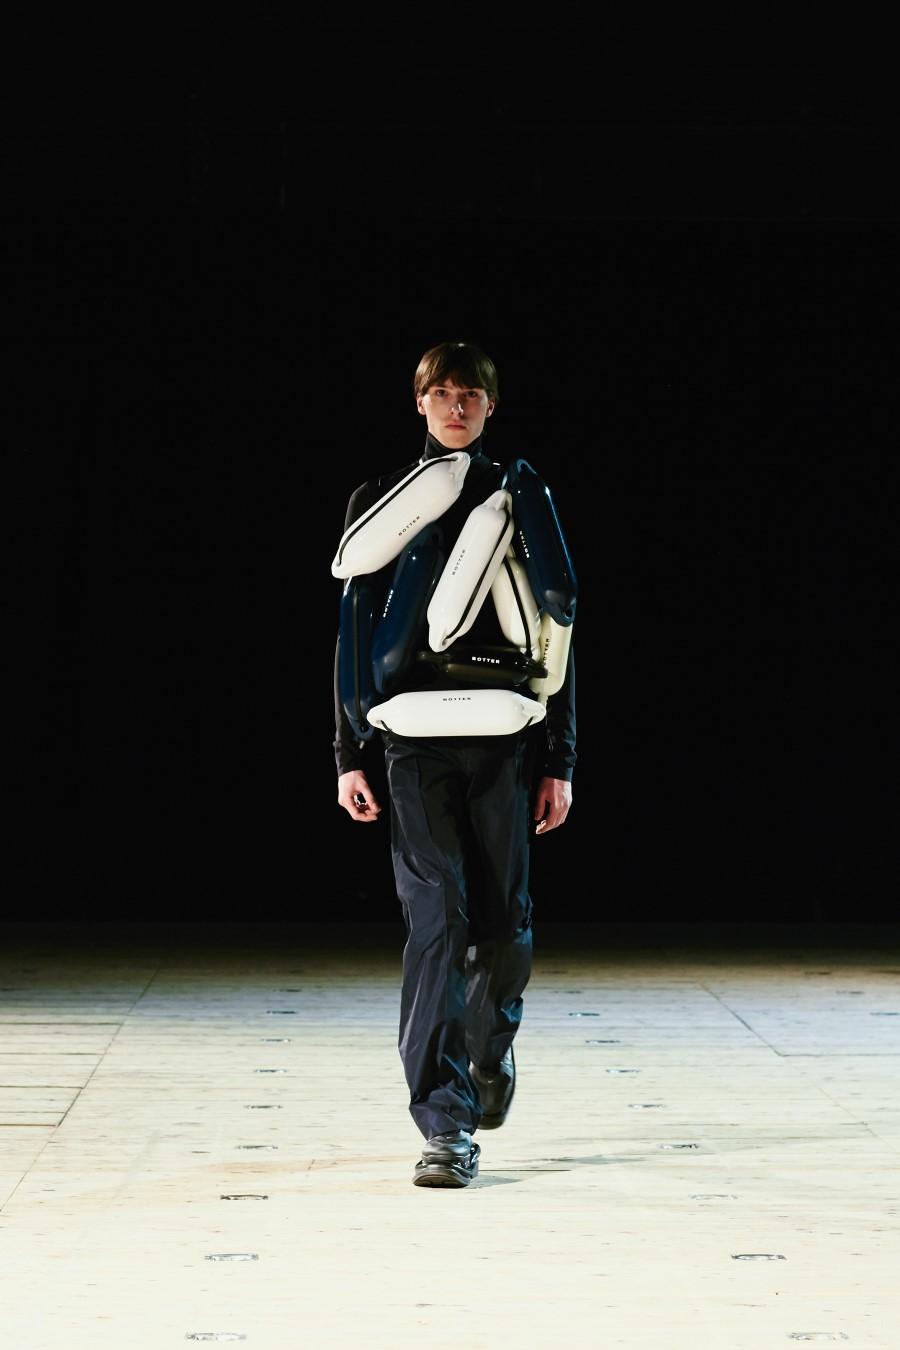 BOTTER Fall Winter 2021 - Paris Fashion Week Men's